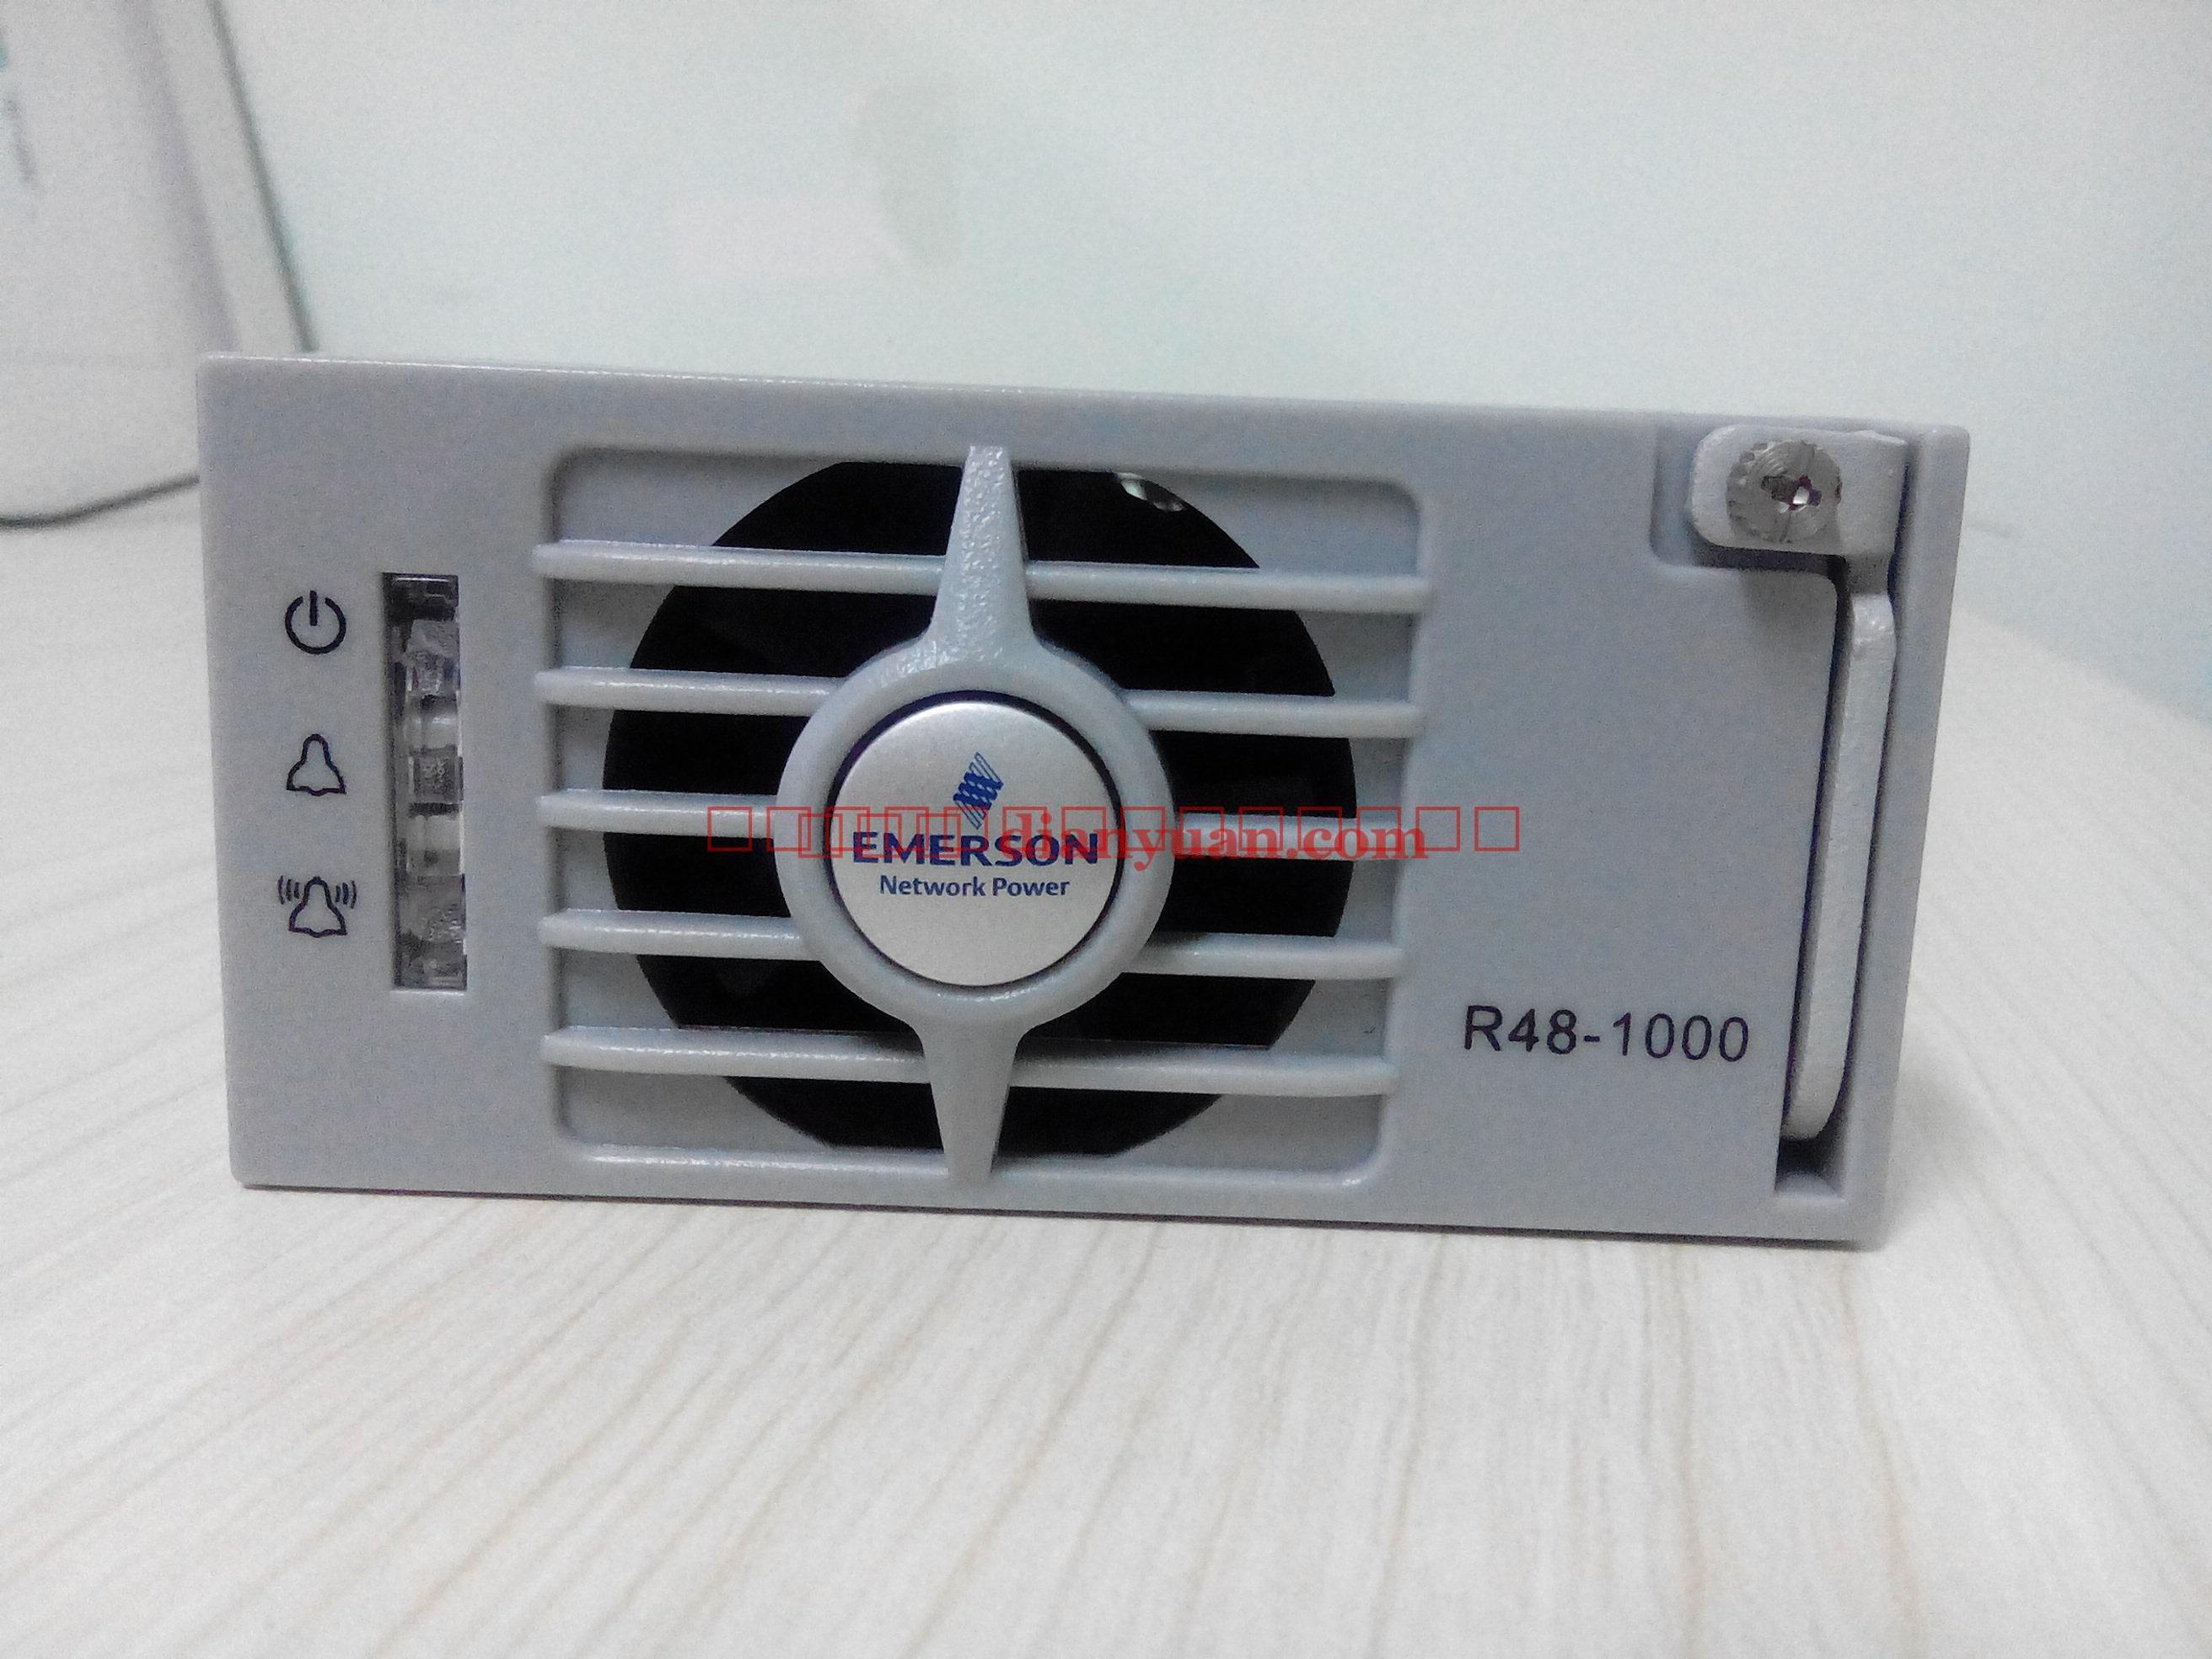 [产品介绍]:   艾默生R48-1000技术参数: 整流模块:40.8241.186.5 重量(kg):1.5 输入电压范围:90Vac~290Vac 最大输入电流:单相输入,每个整流模块输入电流7A 额定输出电压:-53.5Vdc 输出电压范围:-42.3Vdc~-57.6Vdc 温度限功率:-20~45,1000W。 45~75,线性降额。 75以上,0W 输入限功率(45):176Vac~300Vac输入,模块最大输出功率为100%额定功率,即1000W。 90Vac~176Va